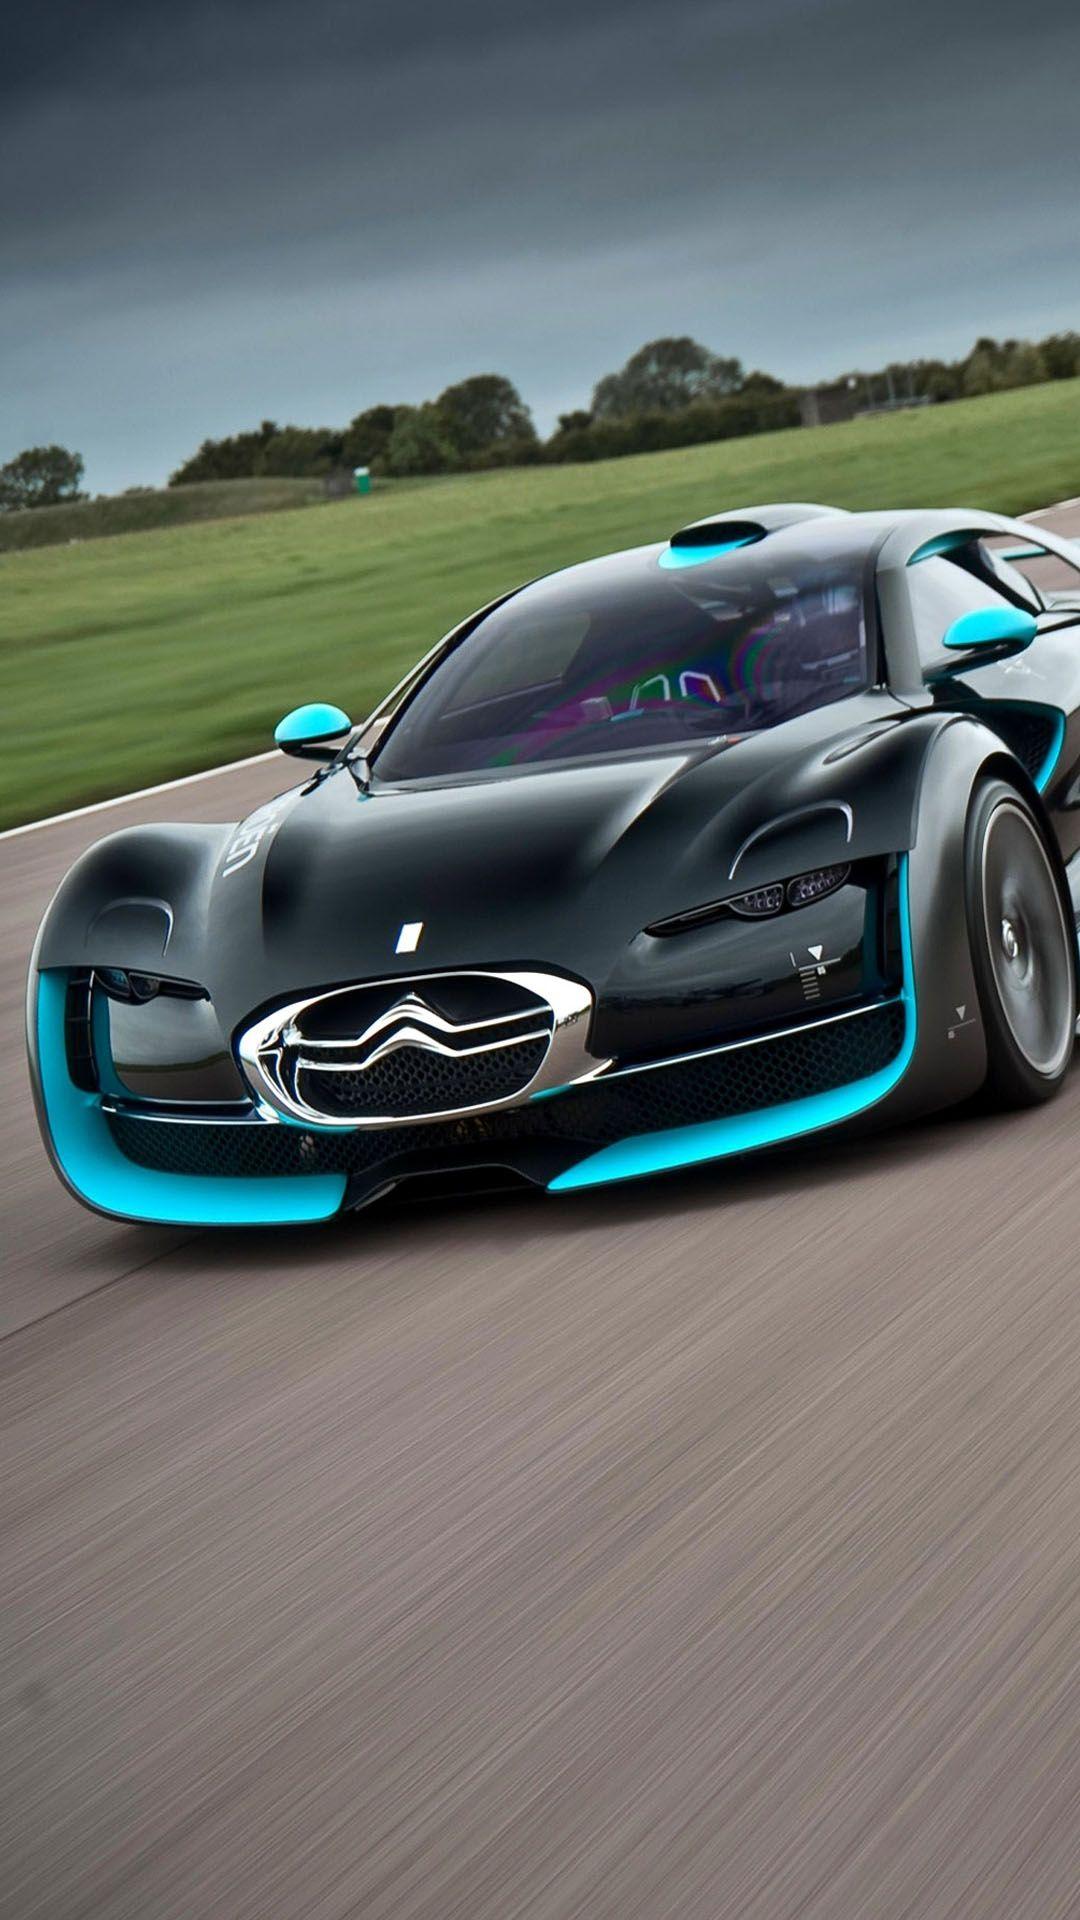 Citroen Survolt   CARS I love   Pinterest   Cars, Dream cars and ...